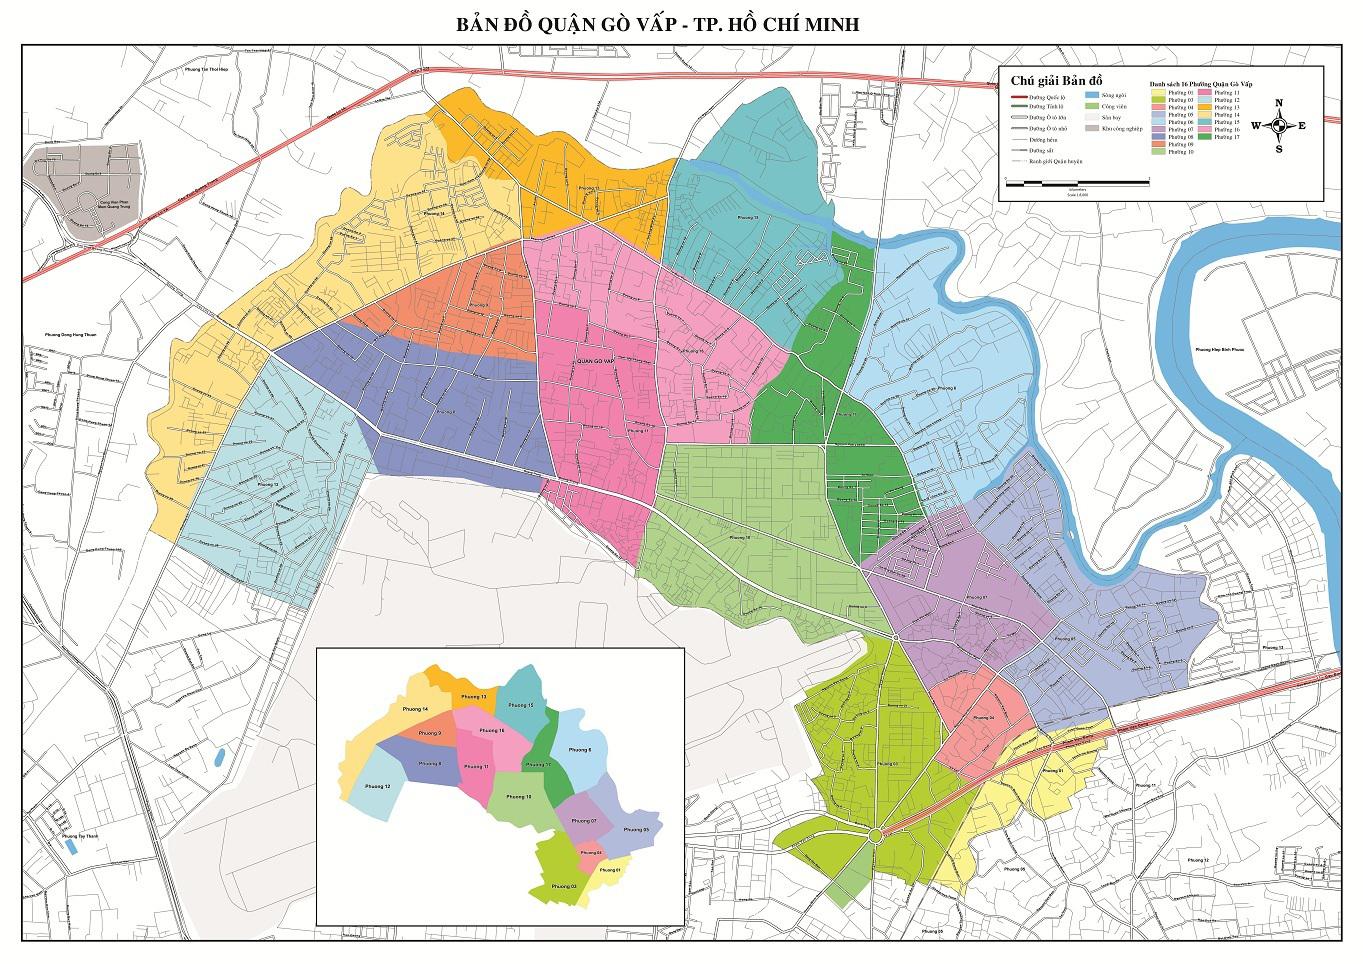 Bản Đồ Quận Gò Vấp Thành Phố Hồ Chí Minh